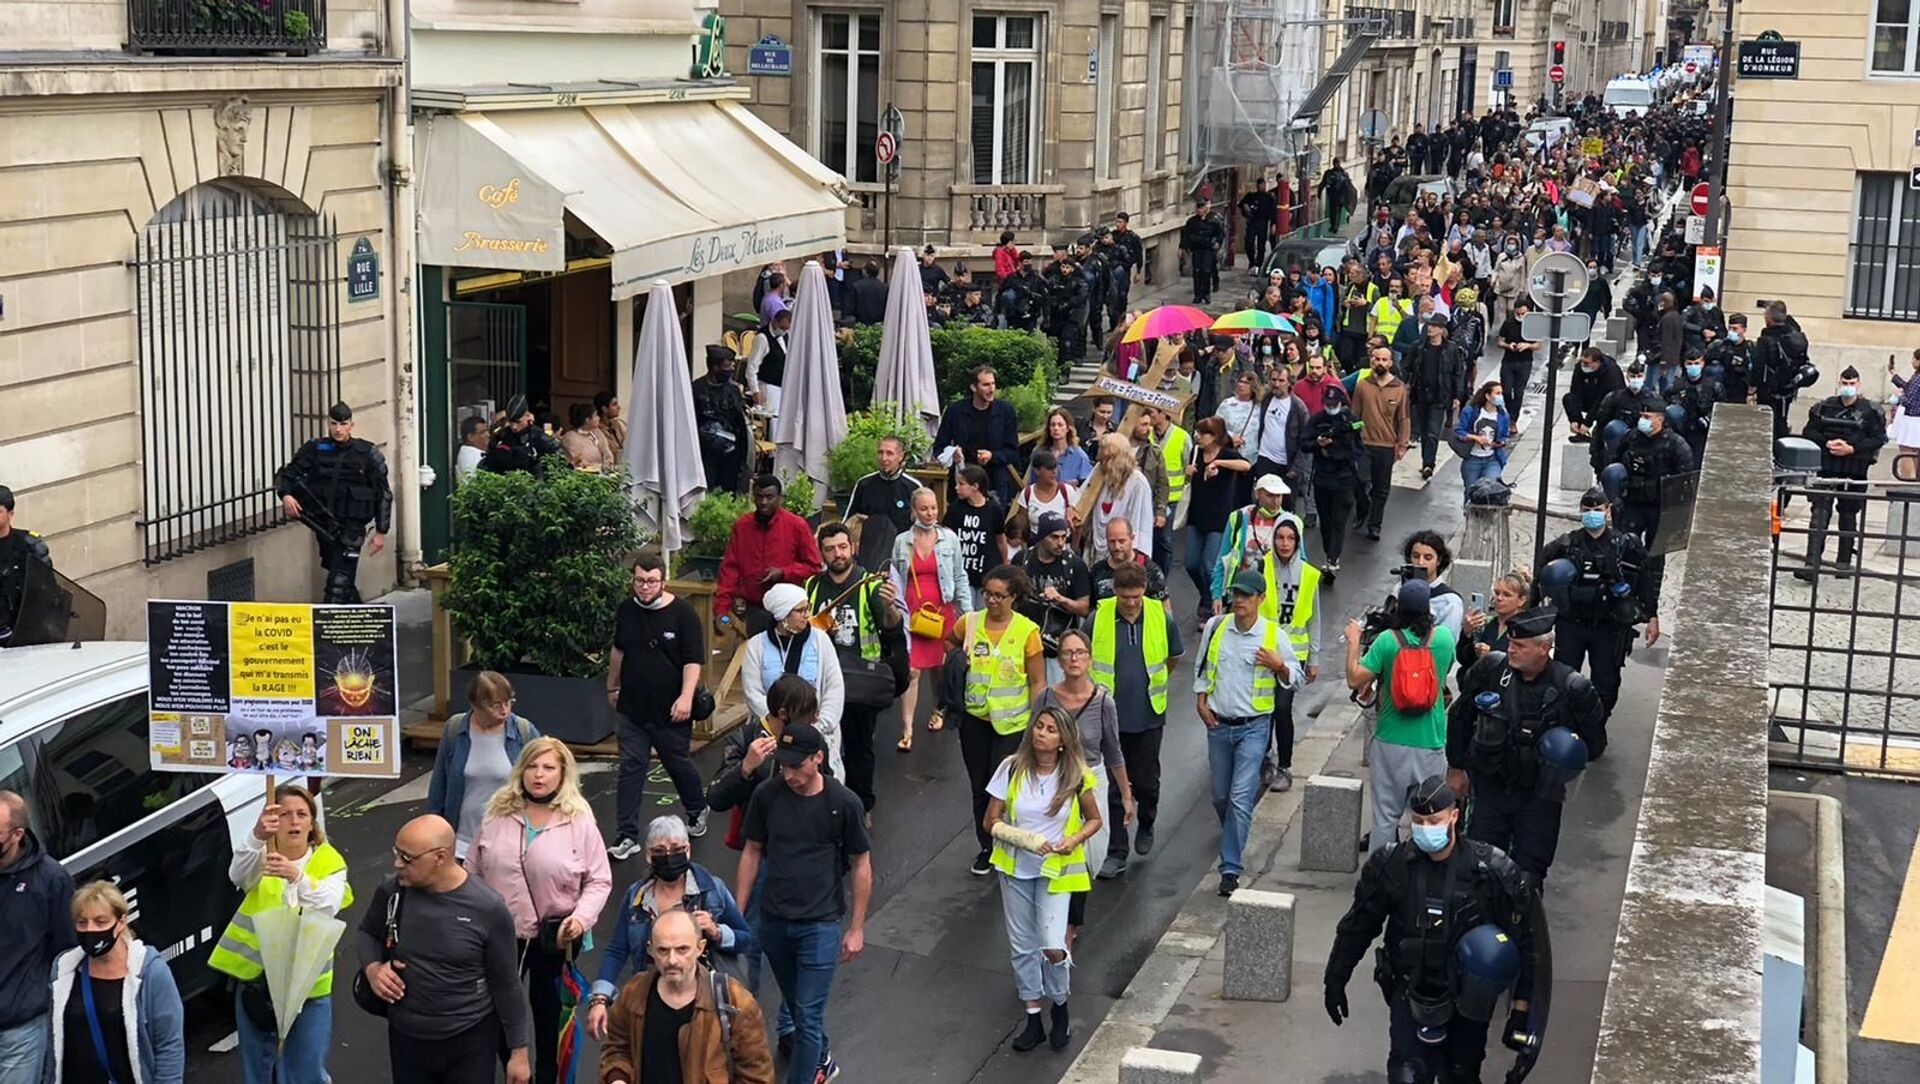 Manifestation contre le pass sanitaire à Paris, 27 juillet 2021 - Sputnik France, 1920, 29.07.2021